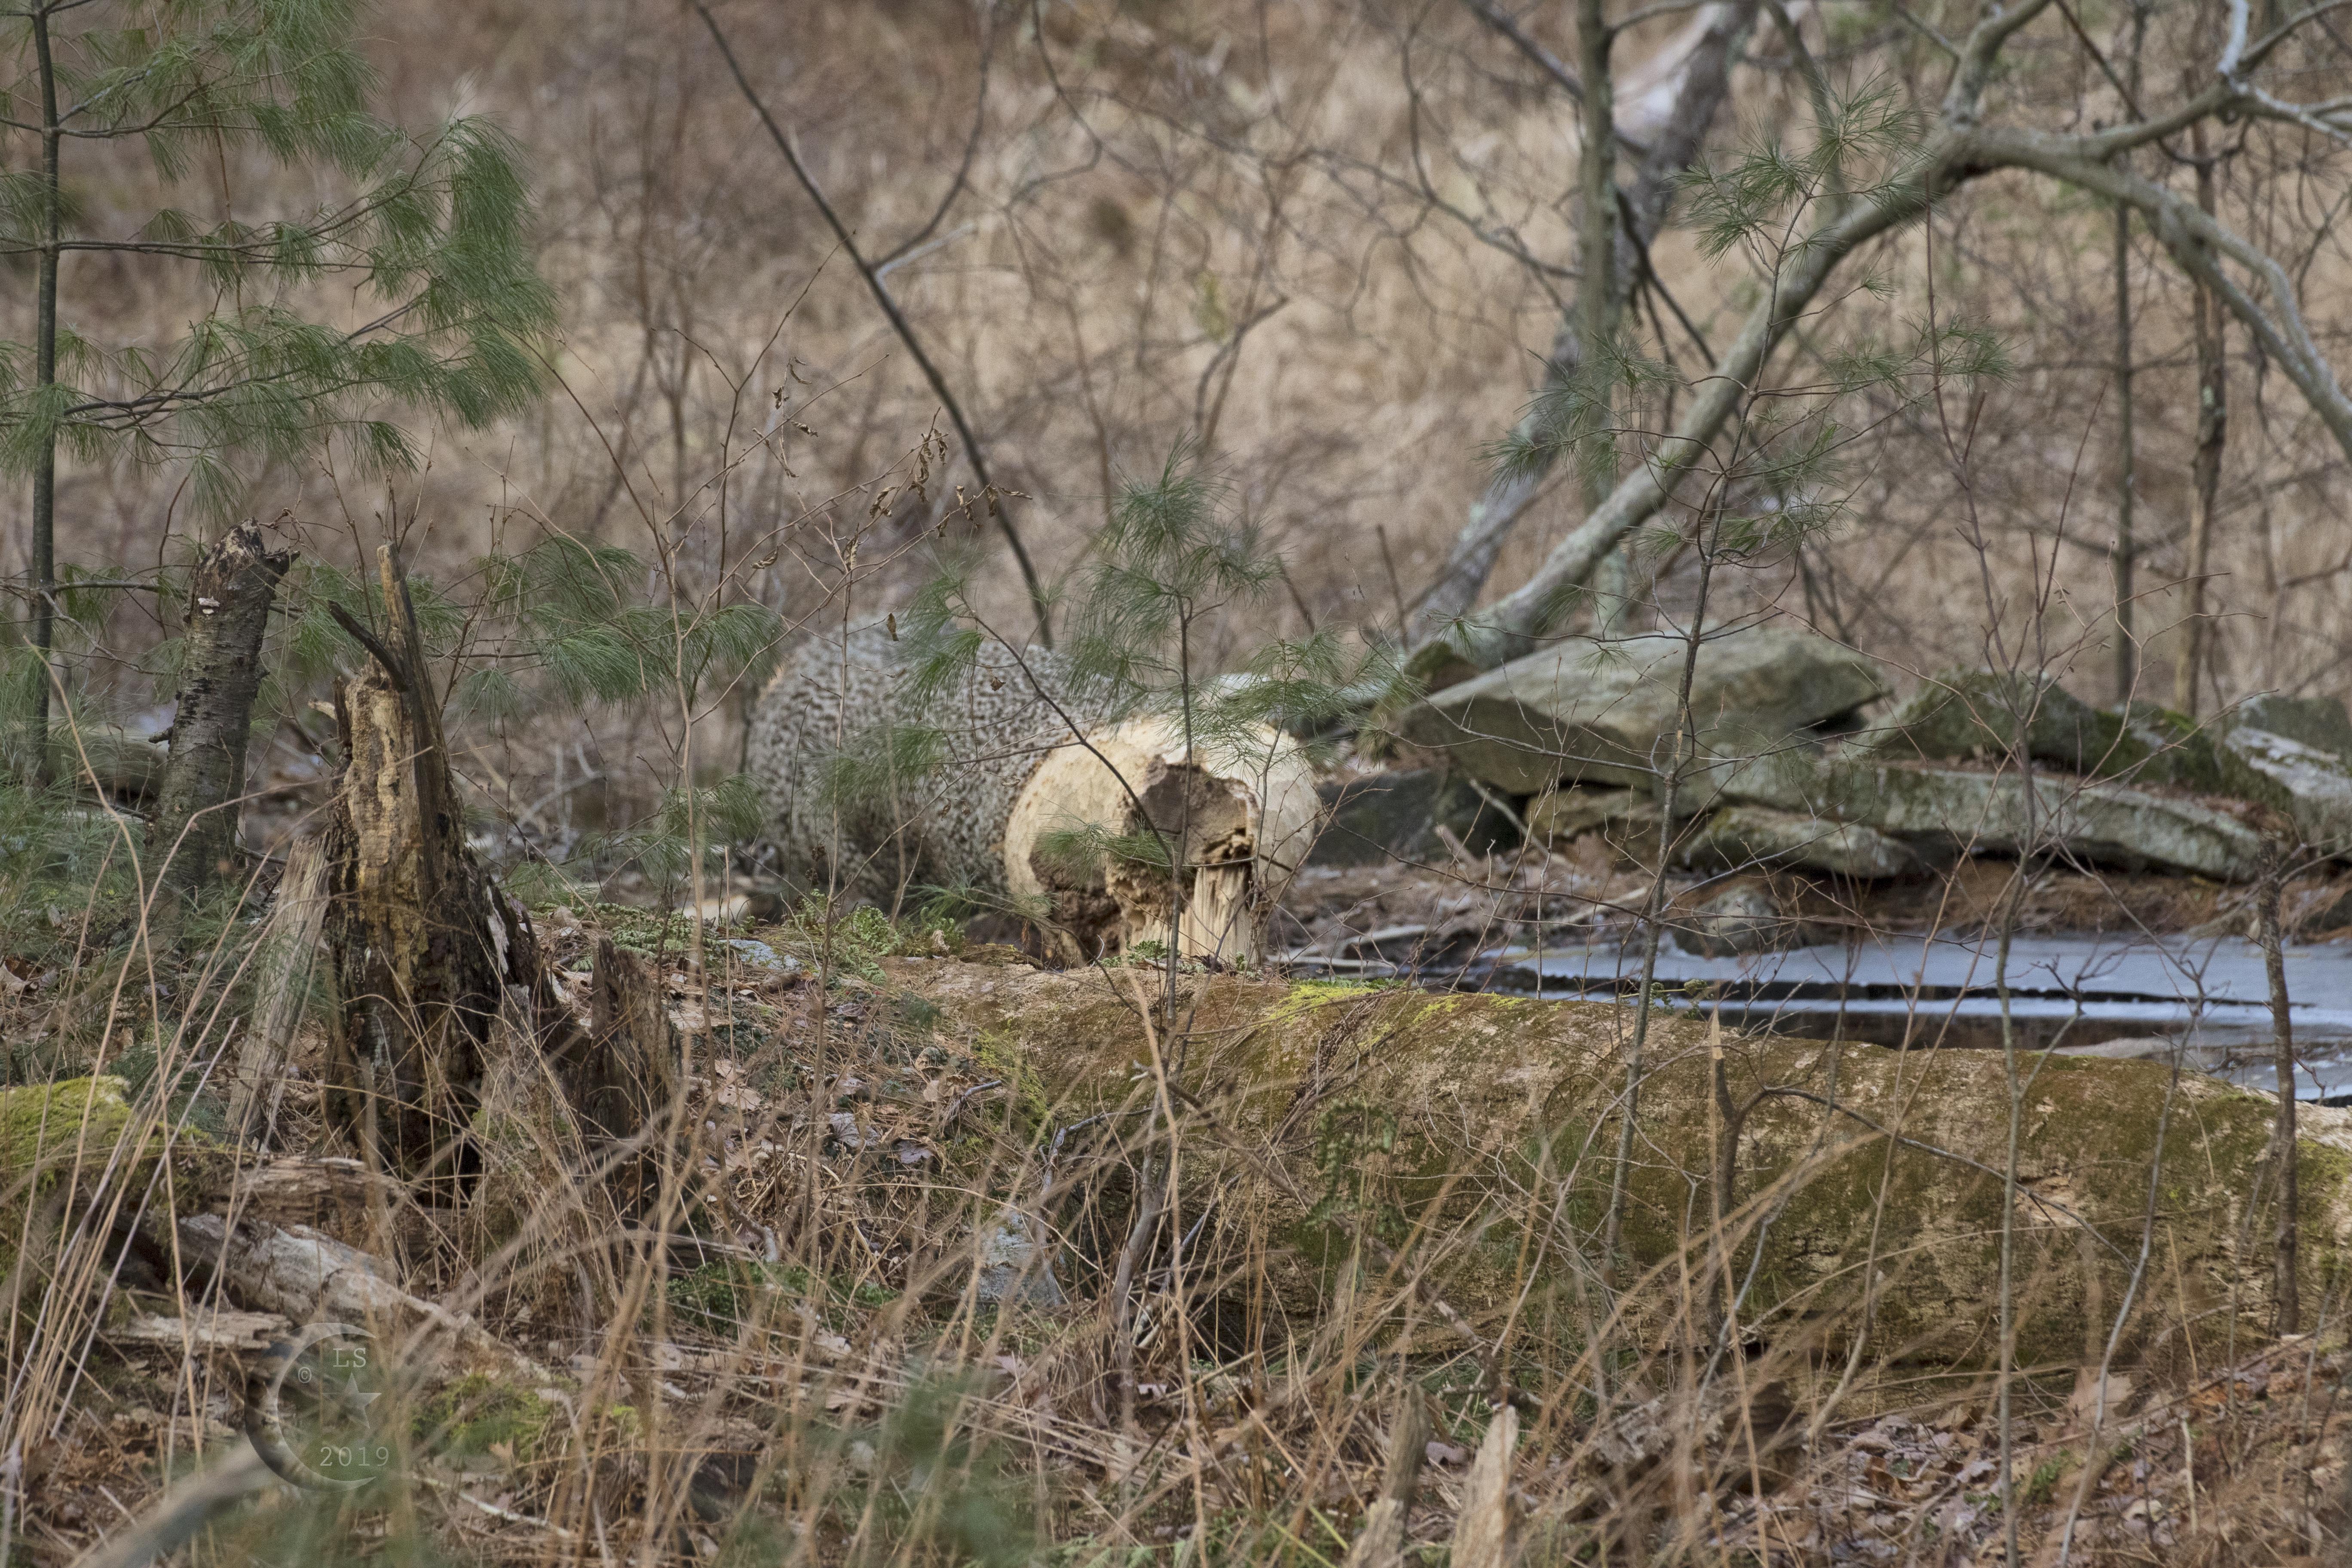 beaver damage 4s4a9380wm